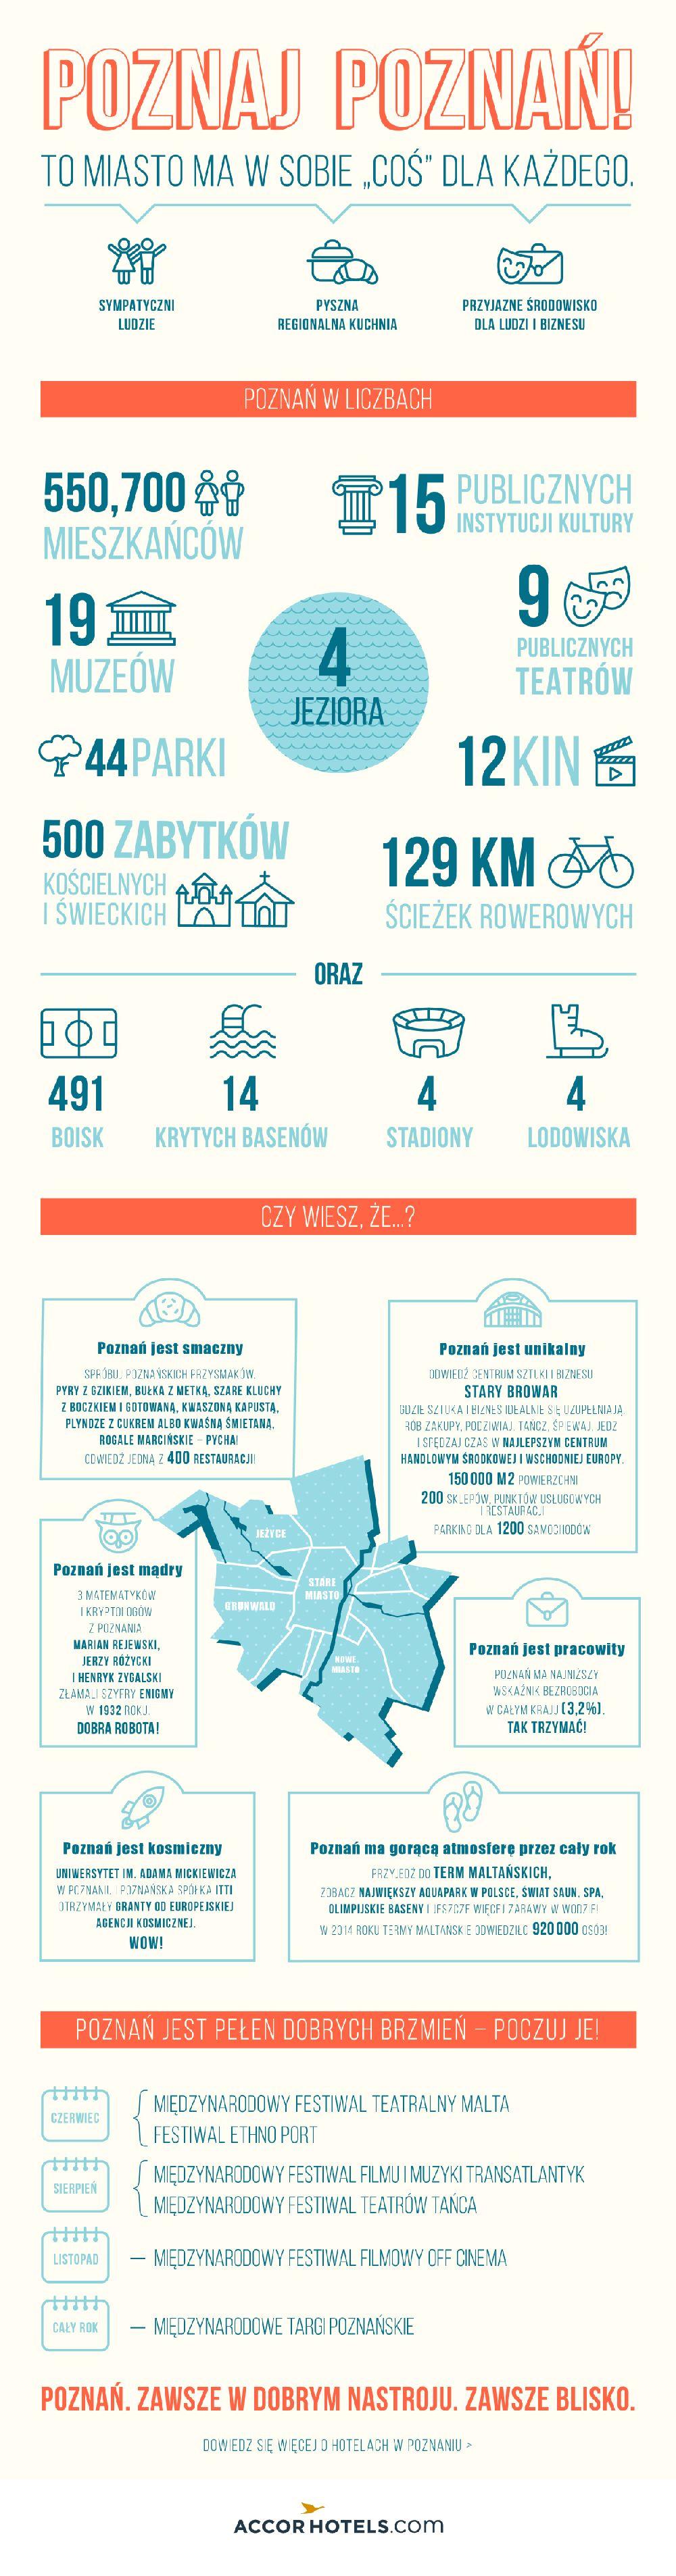 Daj się zaskoczyć i zobacz infografikę o Poznaniu! Wybierz hotel i ciesz się urokami tego miasta!